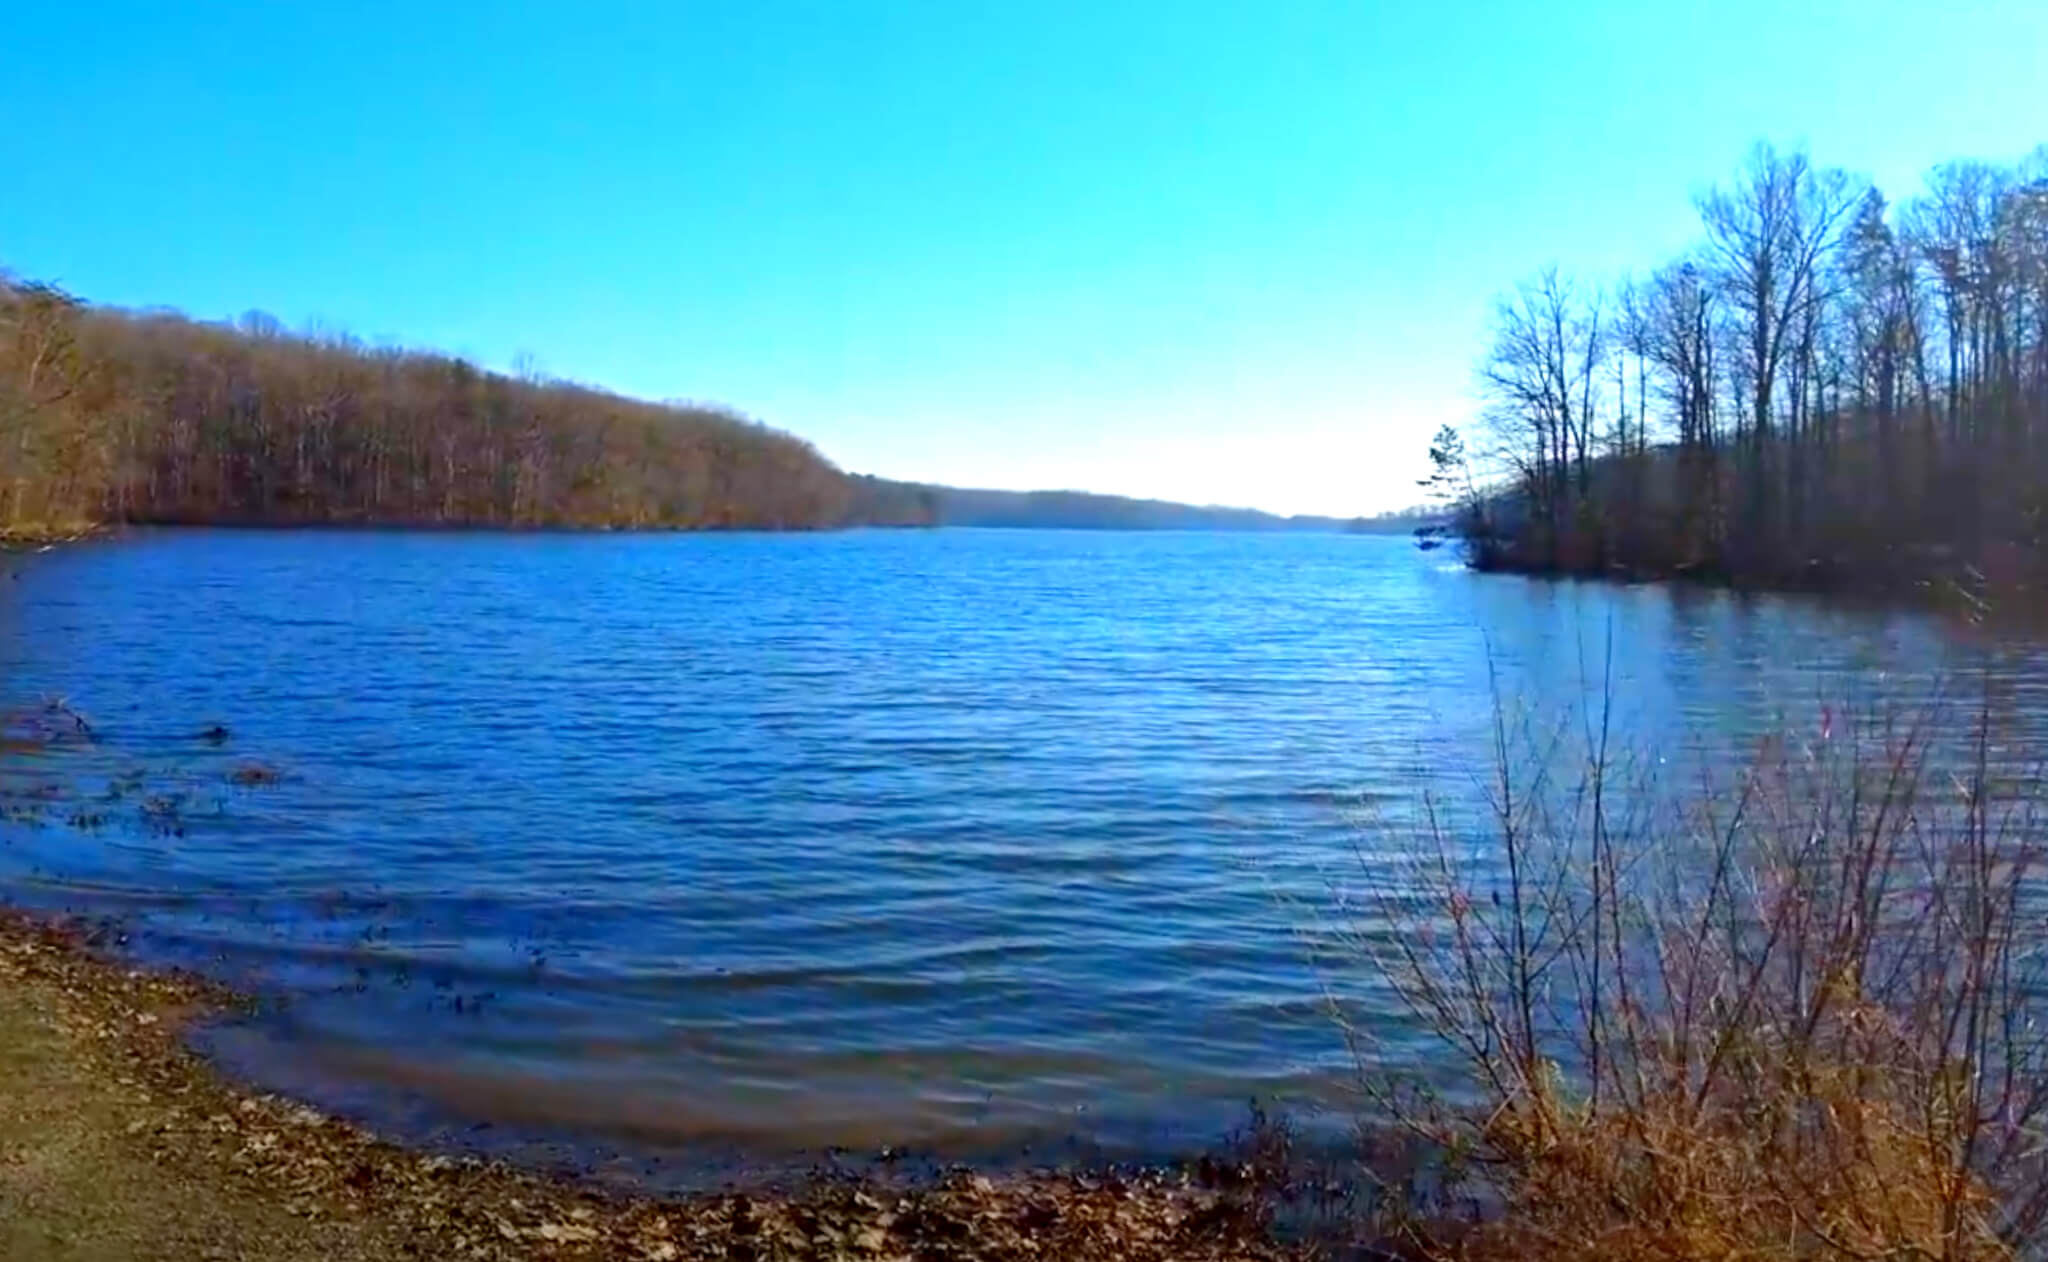 Burke-Lake-Fishing-Report-Guide-Virginia-VA-05